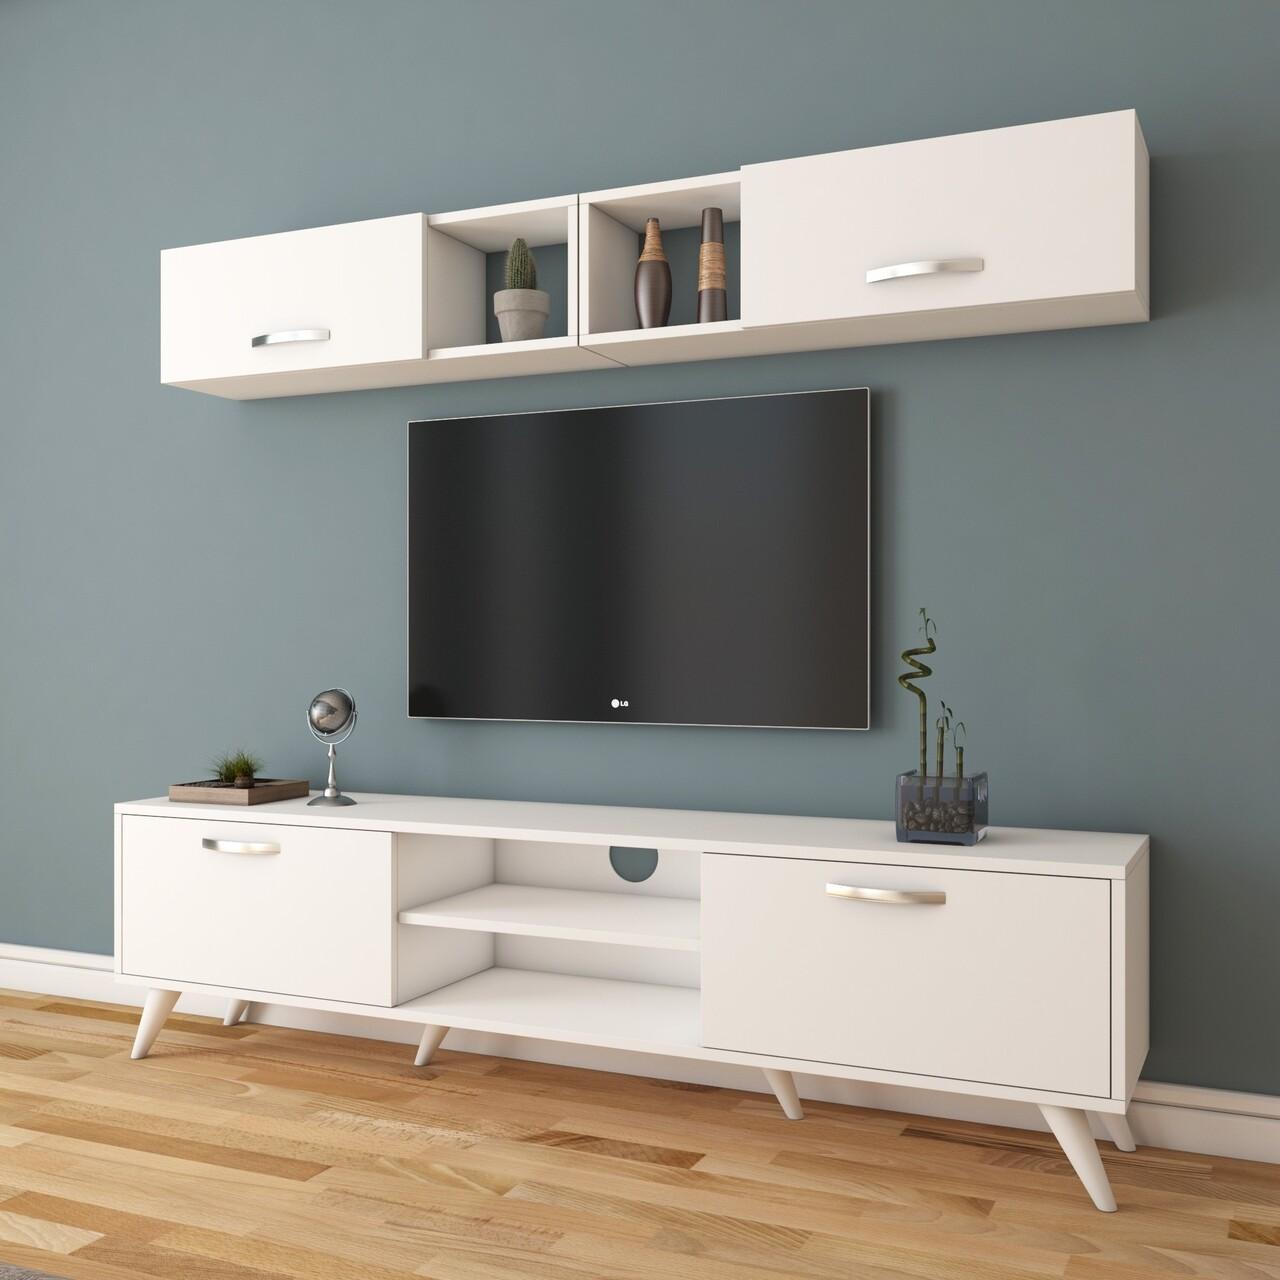 Comoda TV cu 2 rafturi de perete M4 - 234, Wren, 180 x 35 x 48.6 cm/90 cm, white